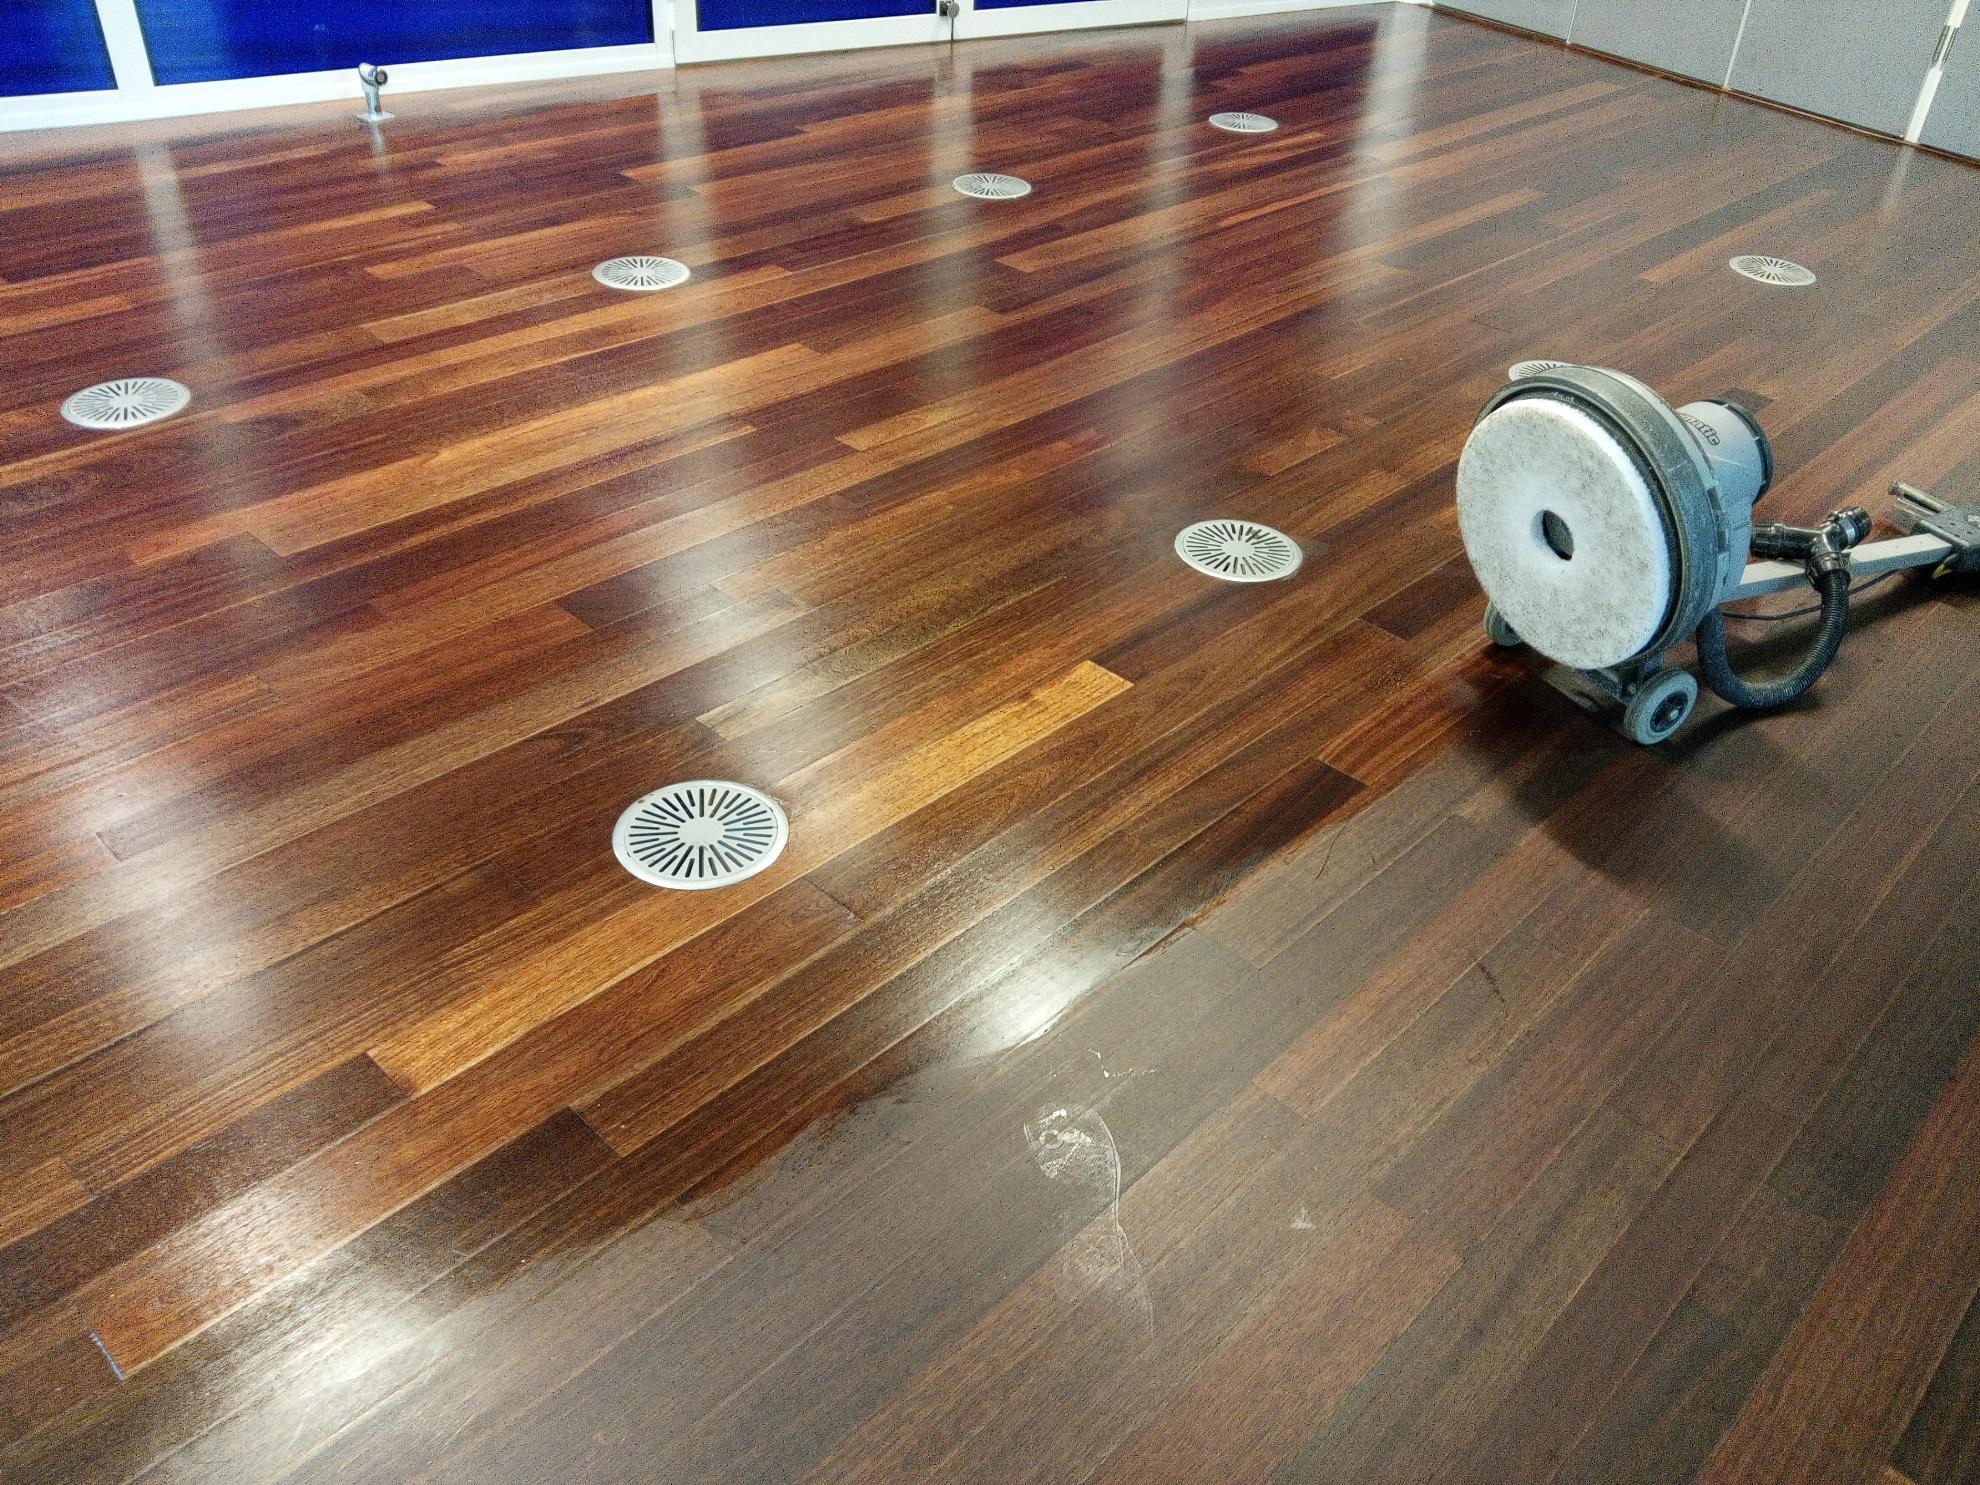 Verzorging houten vloer gallery of onderhoud houten vloet voorna